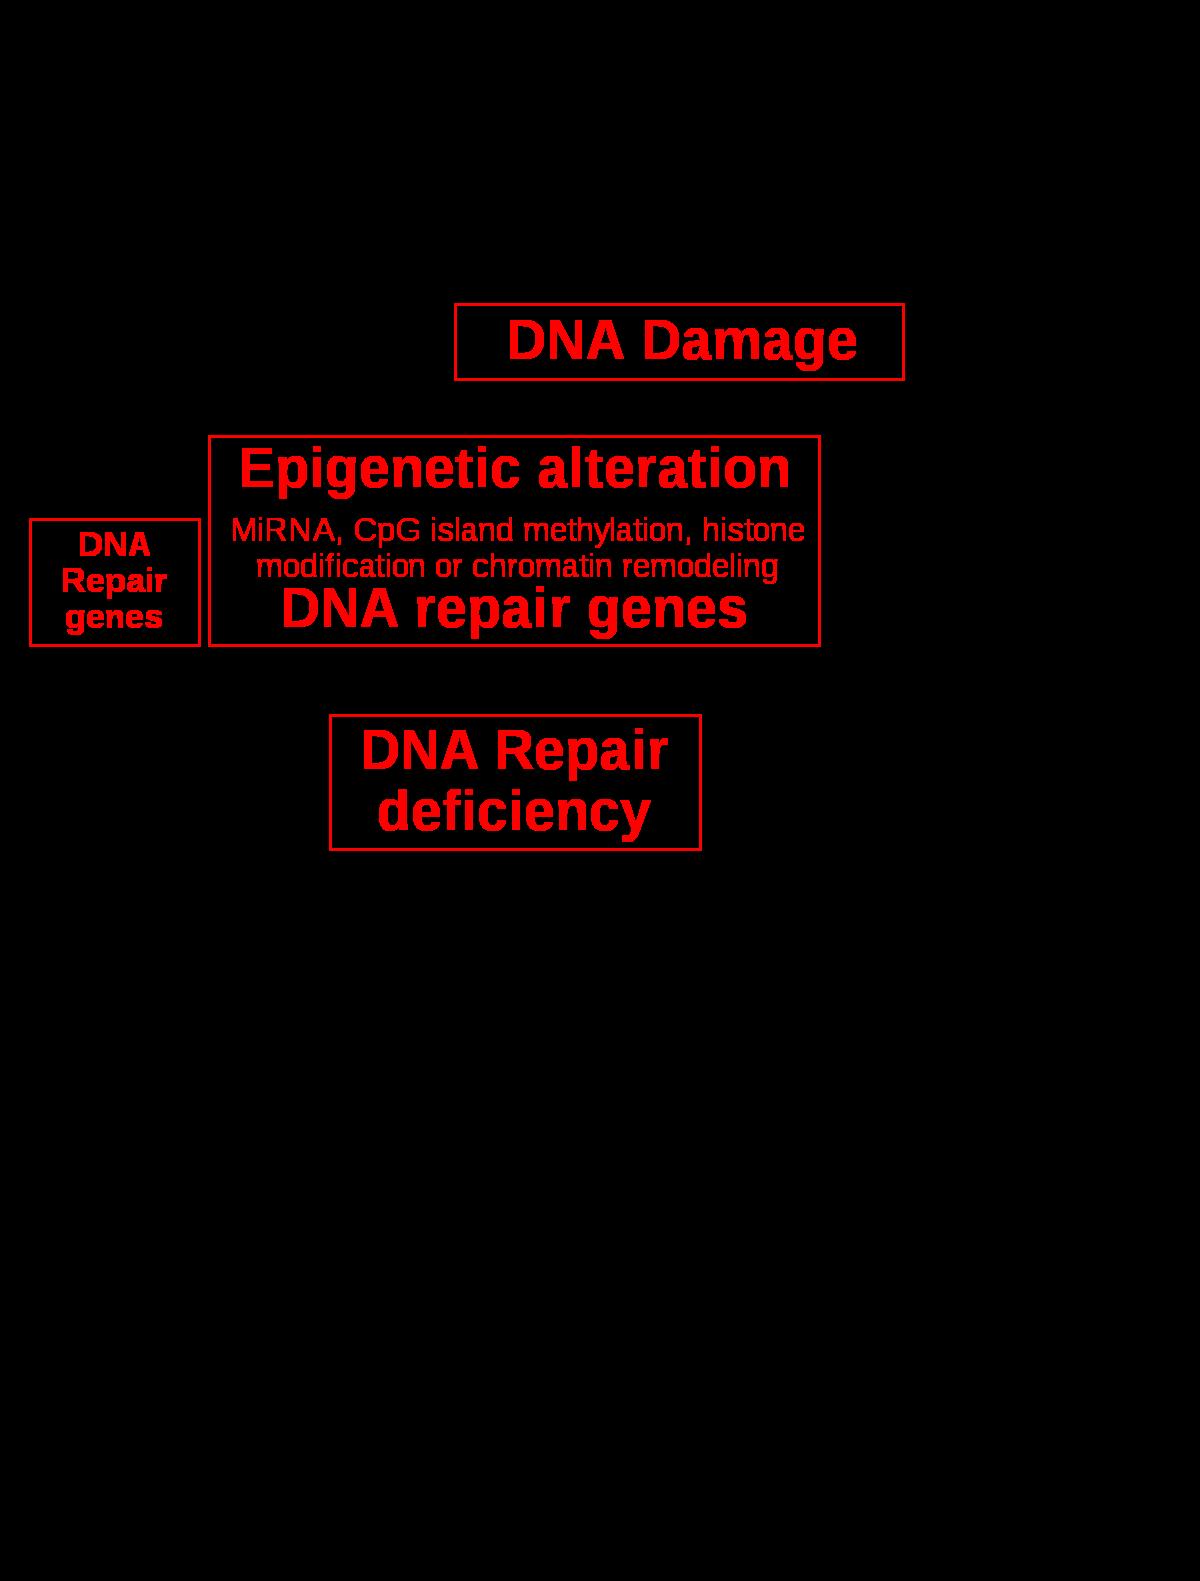 genetikai rákos elváltozások szemölcsök a kis ajkak eltávolításakor